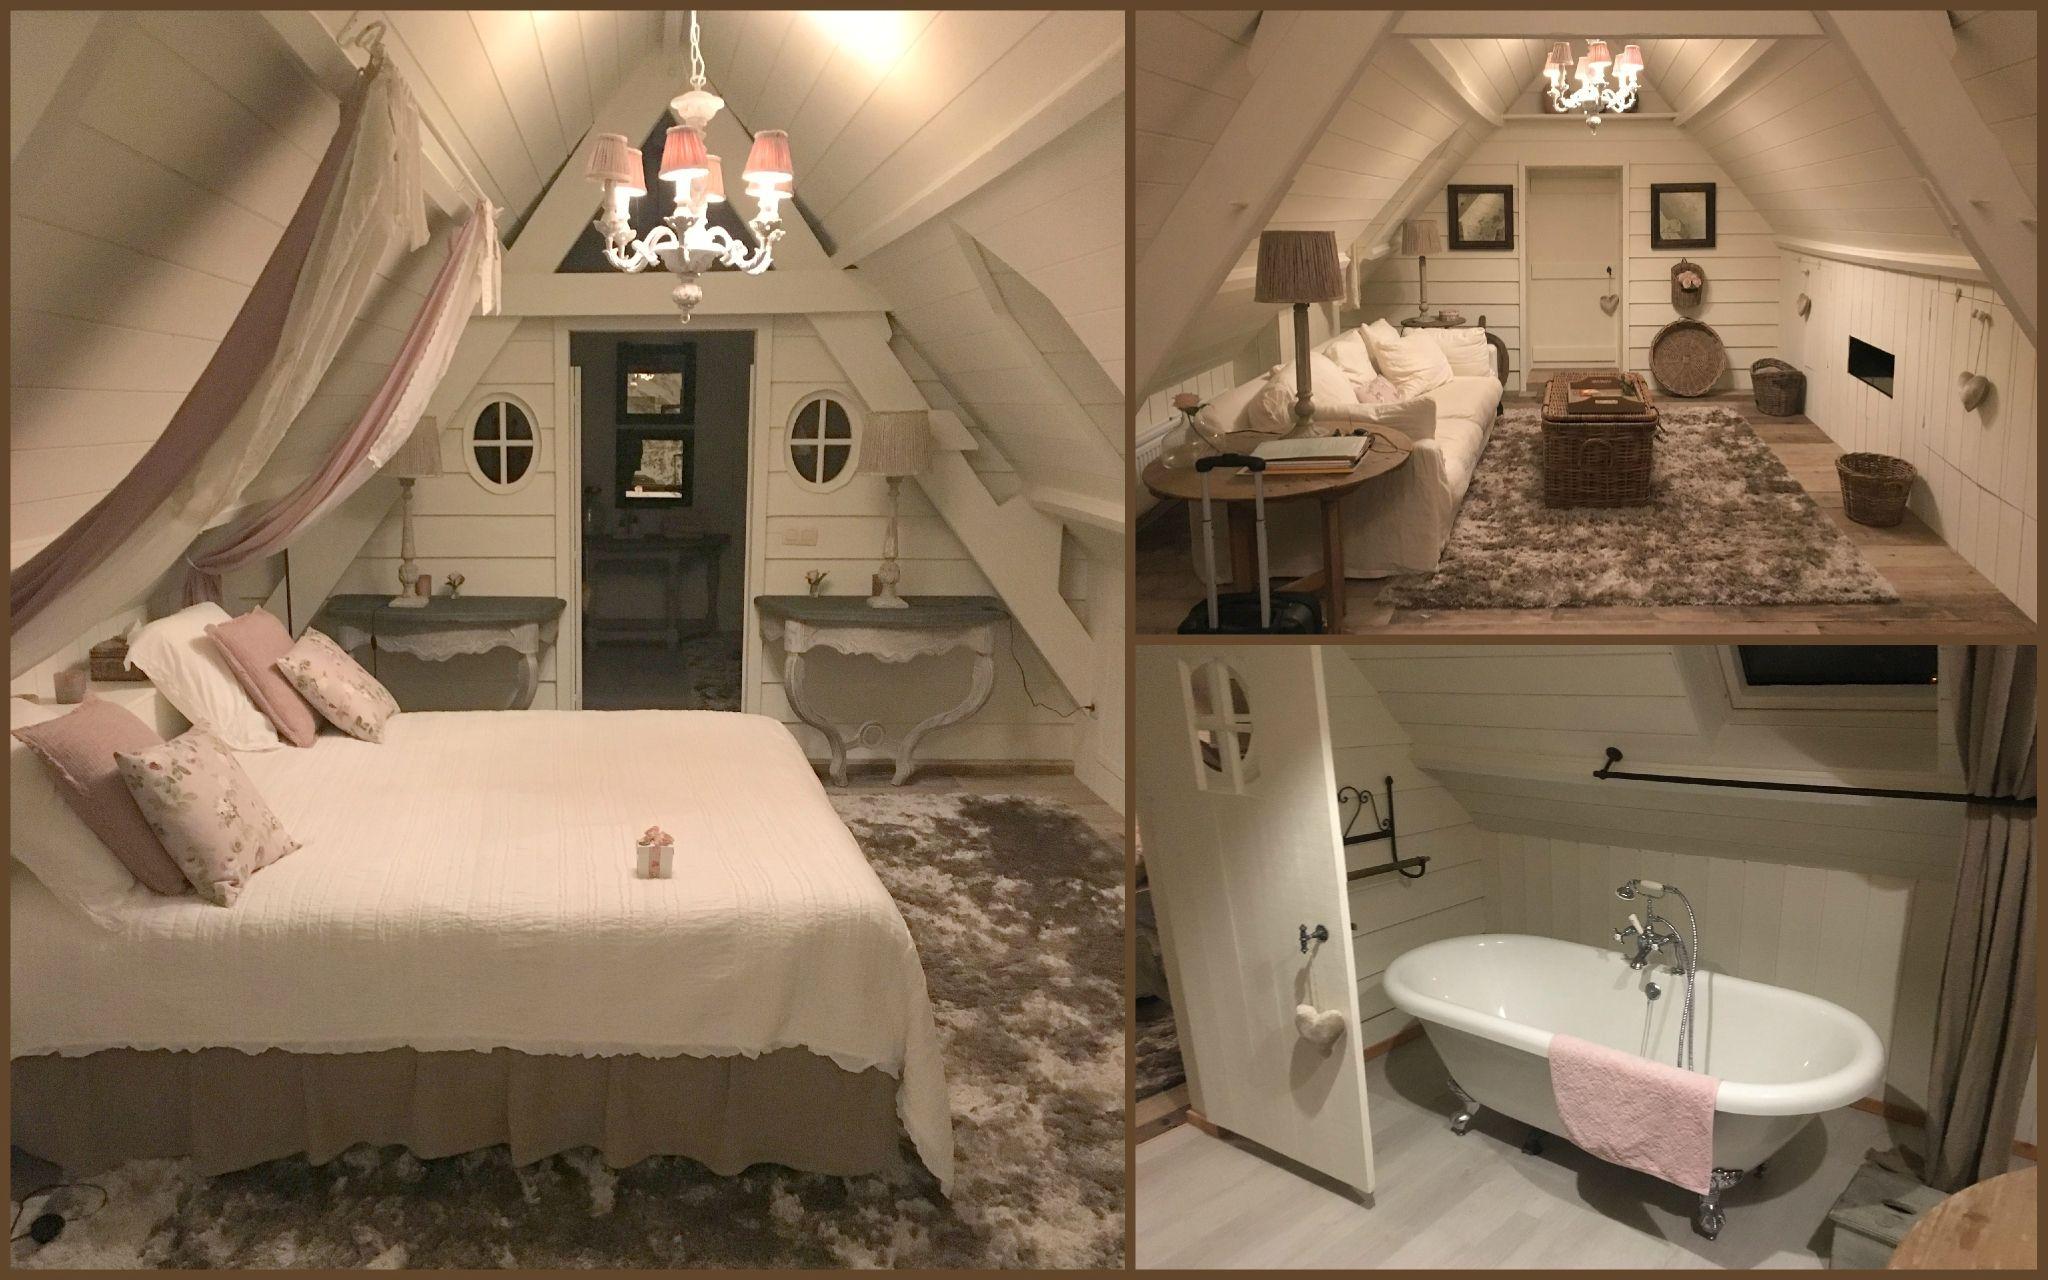 Loverlij chambres d 39 h tes de charme et jardin somptueux - Chambre d hote pres de chambord ...